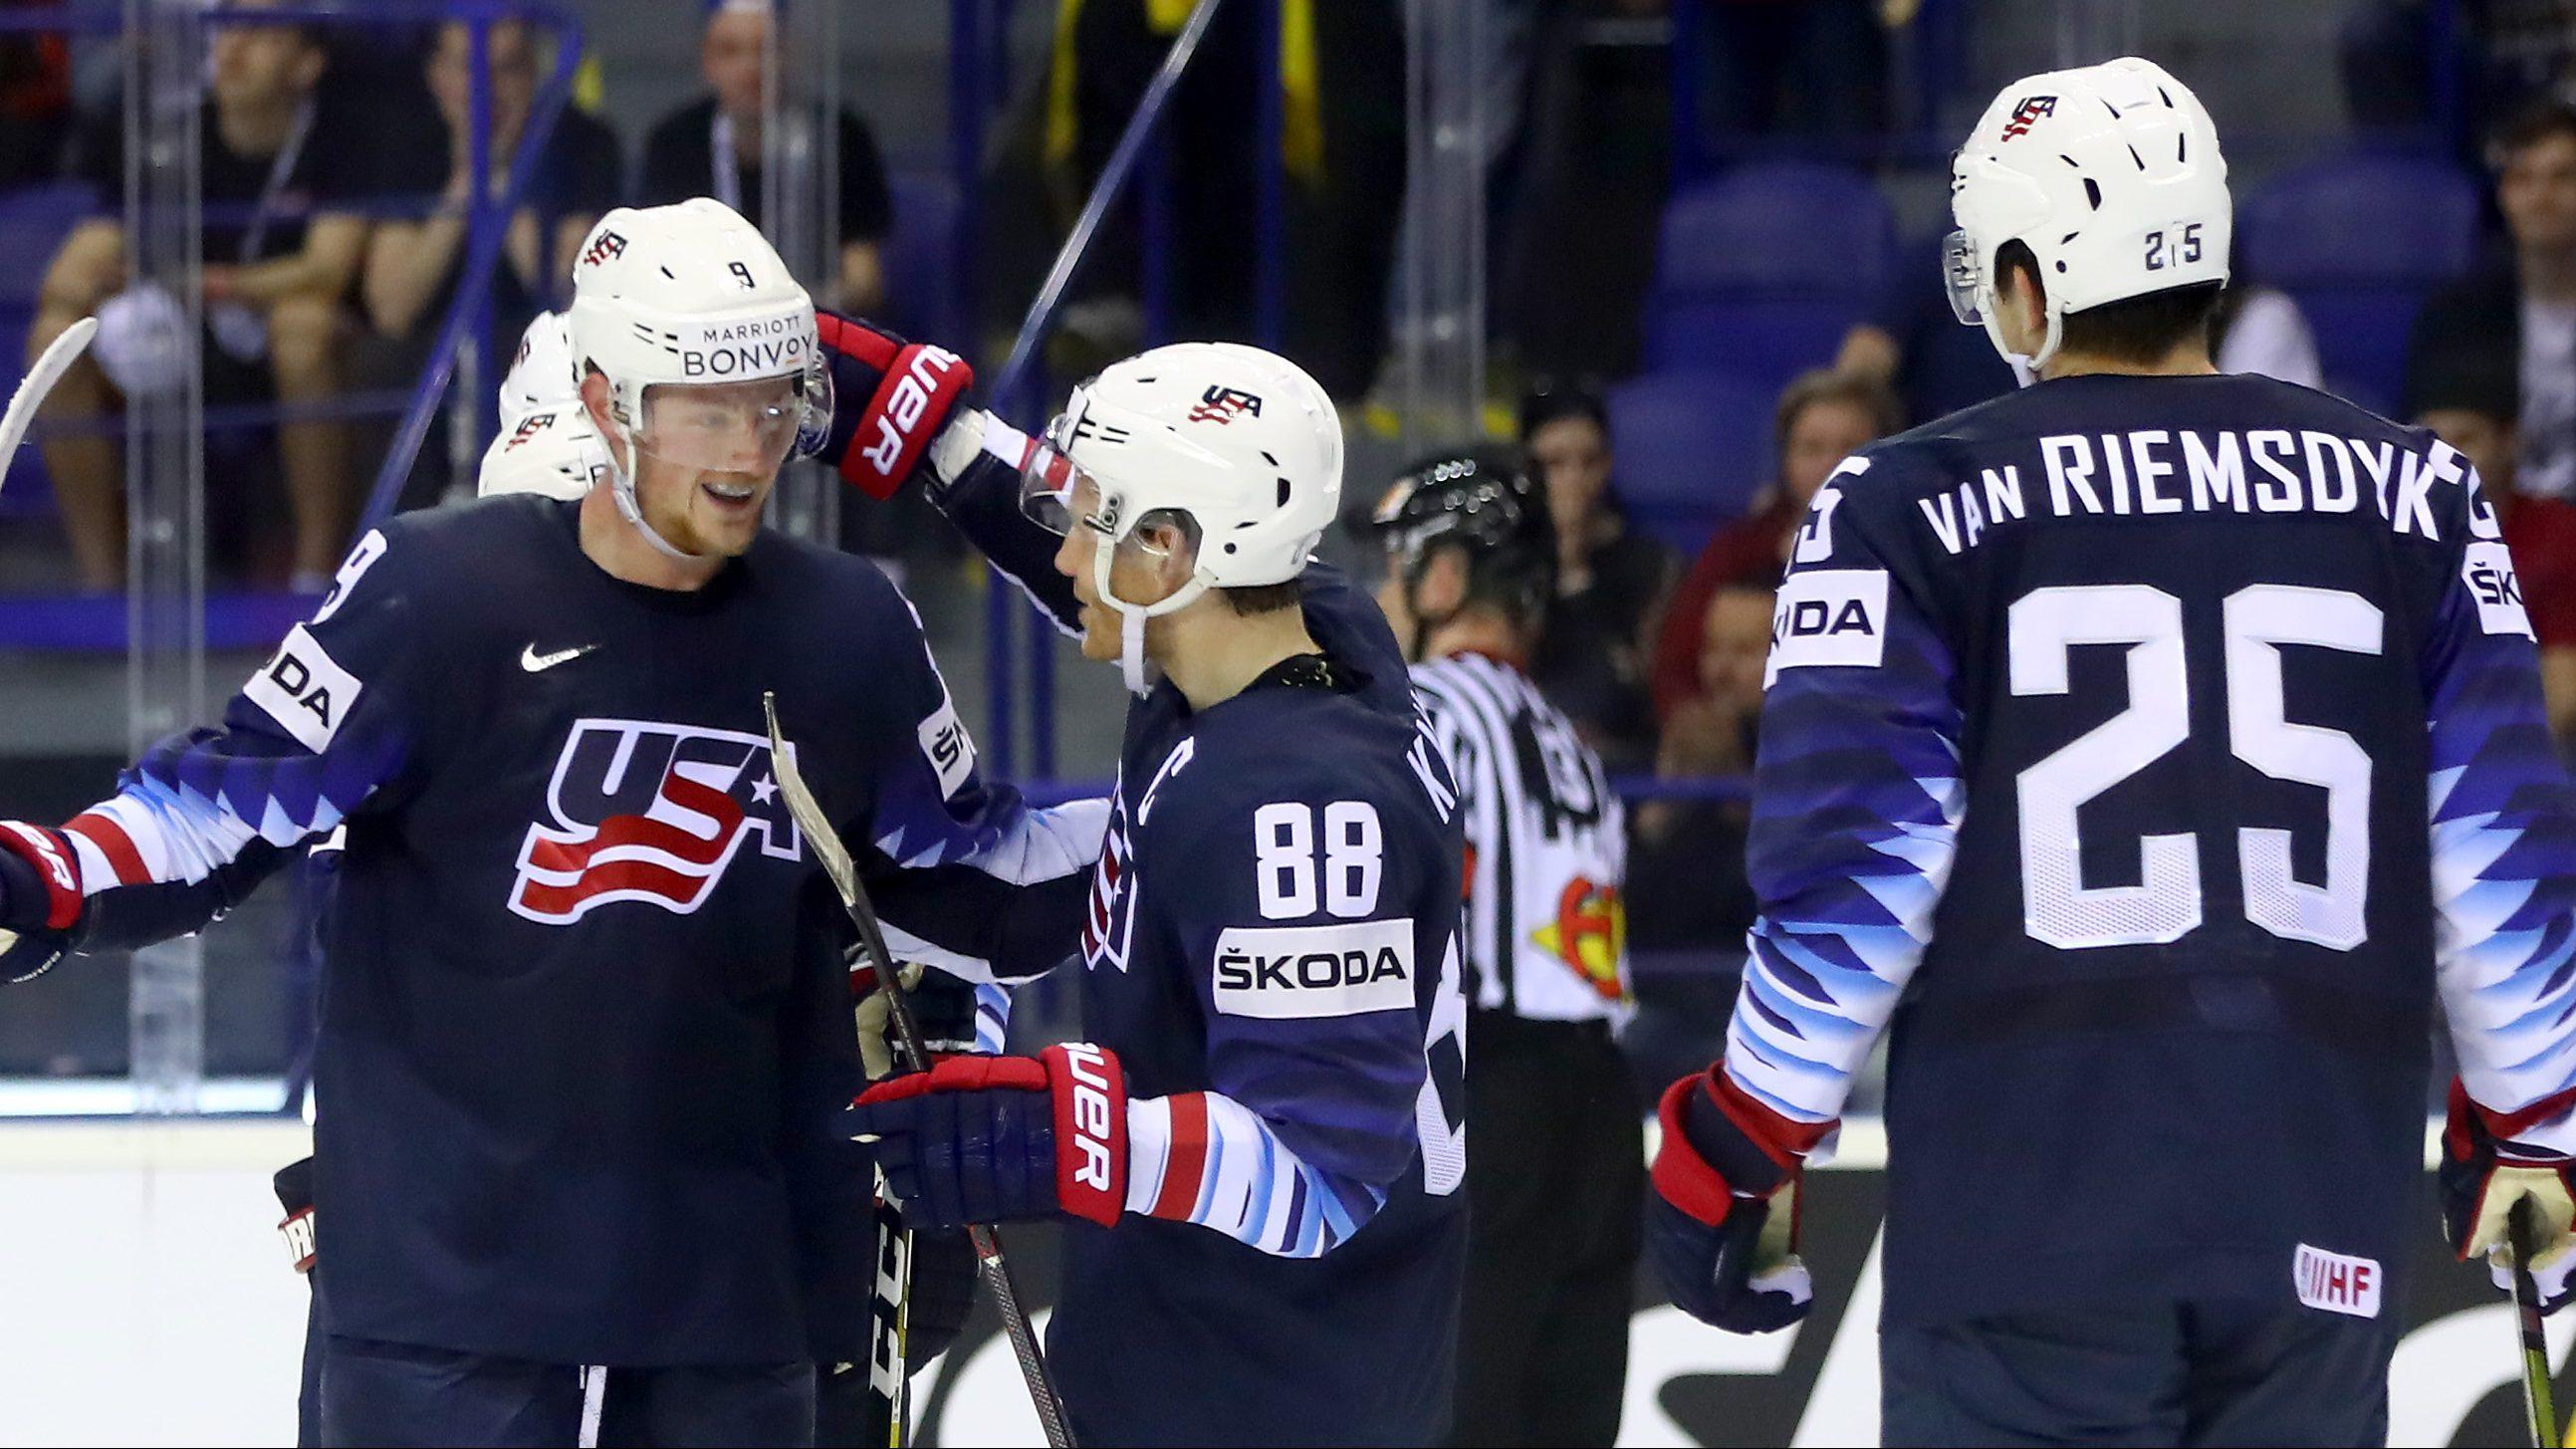 НХЛ, Кубок Стэнли, драфт НХЛ, Рейнджерс, Айлендерс, Сборная США по хоккею, Питтсбург, Чикаго, молодежный чемпионат мира, олимпийский хоккейный турнир